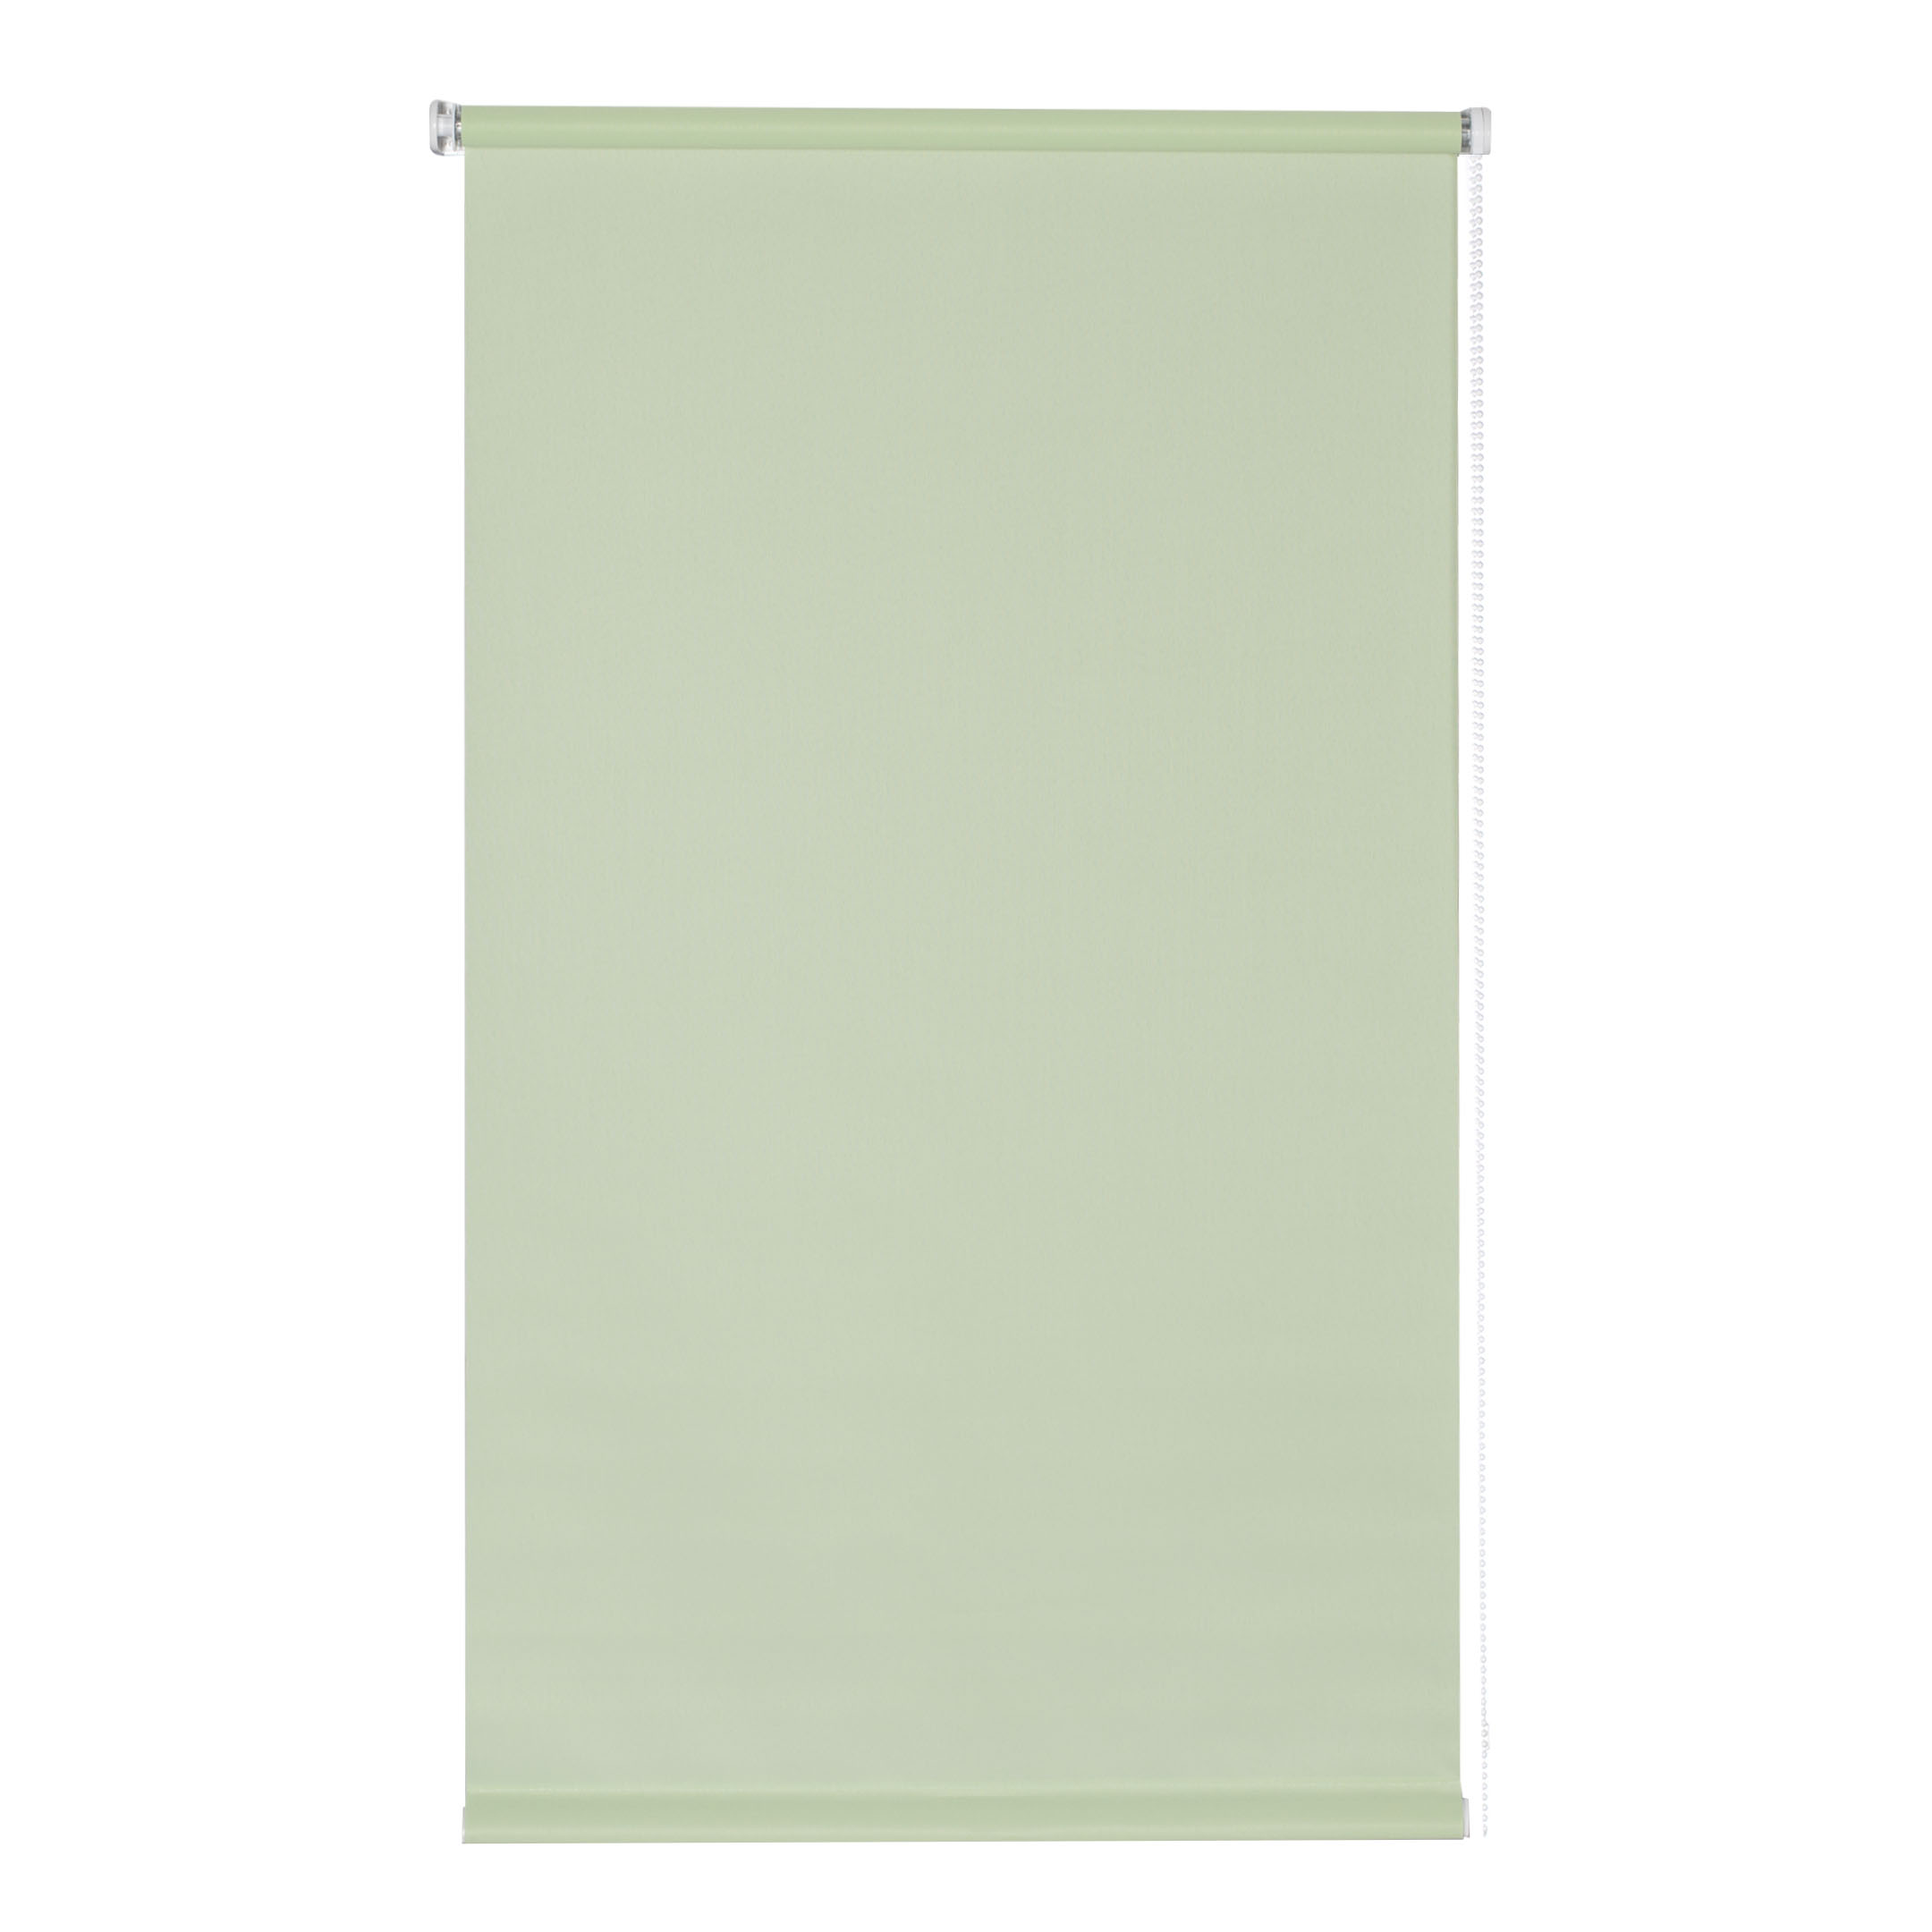 Фото - Штора рулонная Плайн 60х175 см фисташковый штора рулонная плайн 50х175 см фисташковый